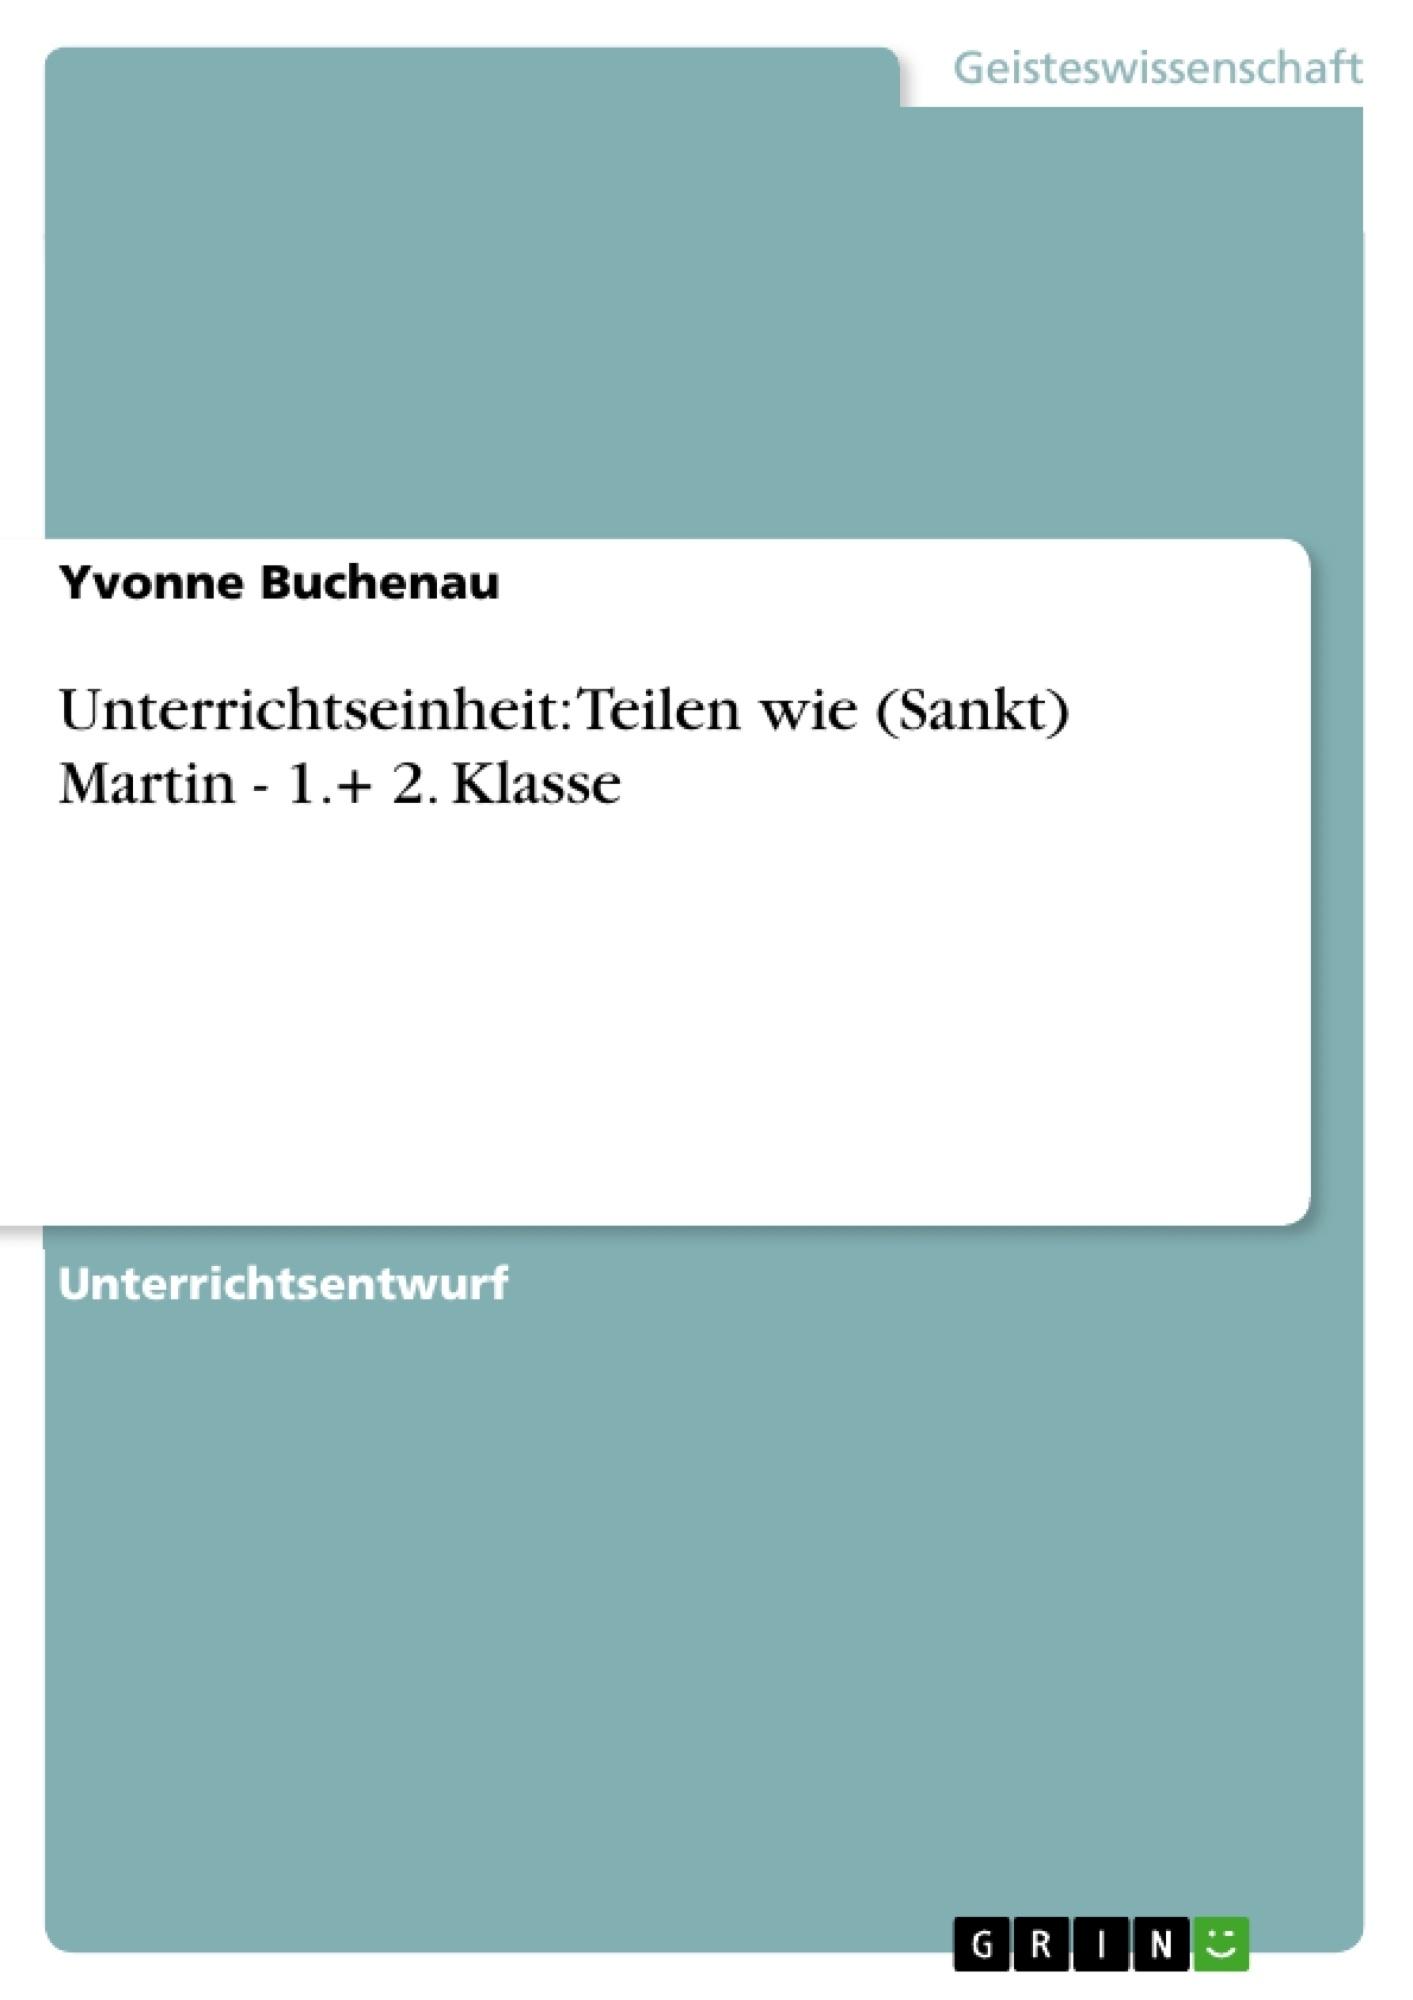 Titel: Unterrichtseinheit: Teilen wie (Sankt) Martin - 1.+ 2. Klasse